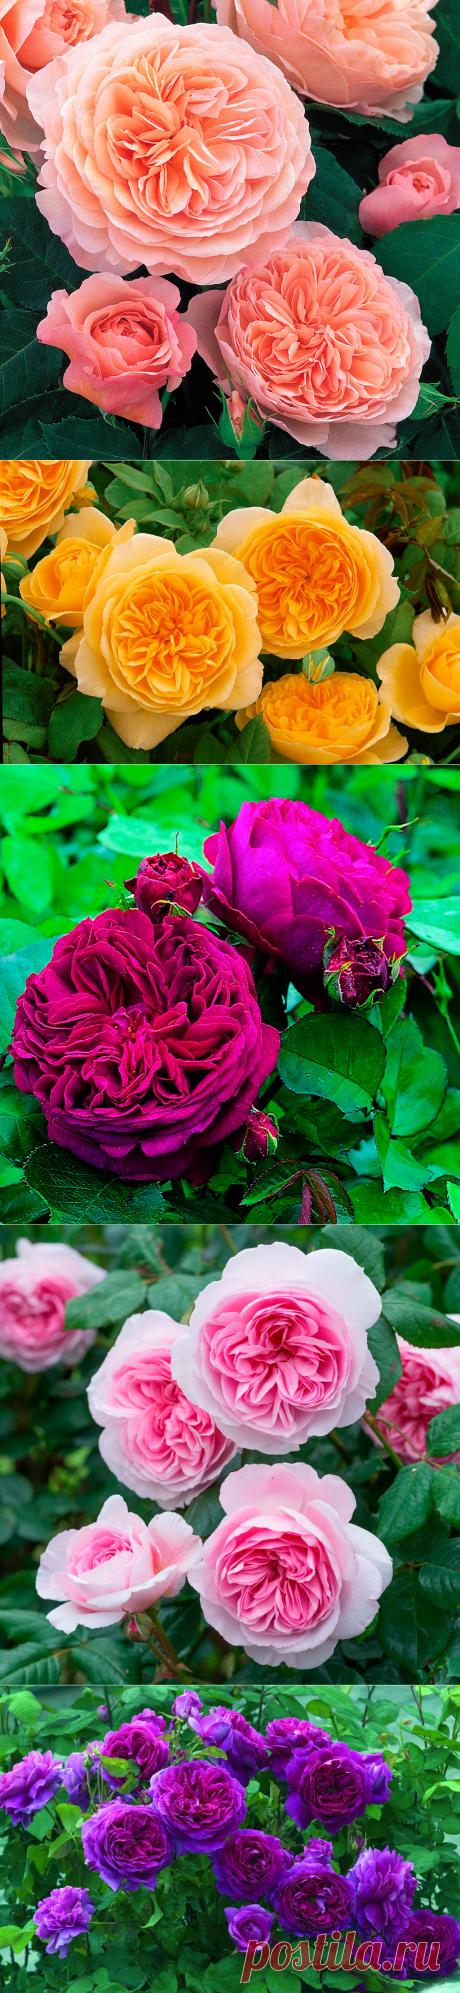 Достоинства английских роз 1. Наличие сильного аромата; 2. Высокая зимостойкость растения в российских условиях; 3. Формирование цветков по всему стеблю; 4. Необычная форма цветка, которая отличается от других видов роз.